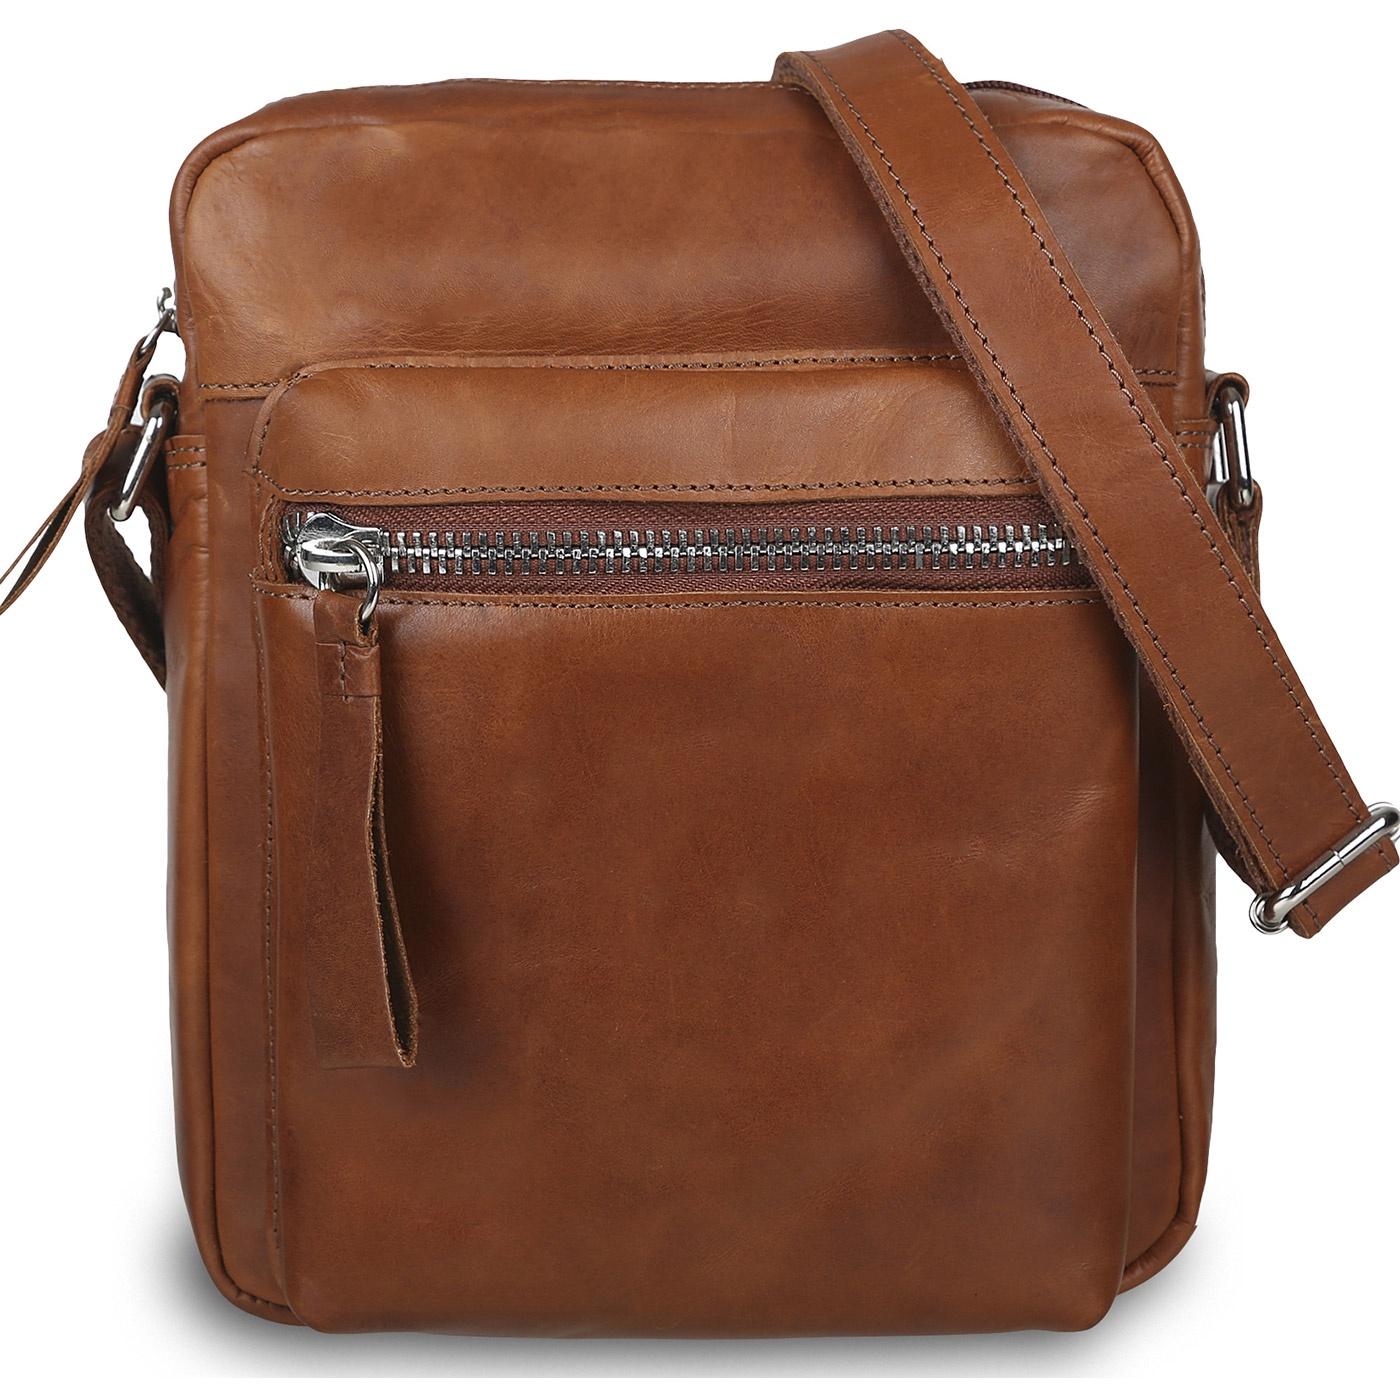 купить Сумка-планшет Ashwood Leather 1661 по цене 8120 рублей